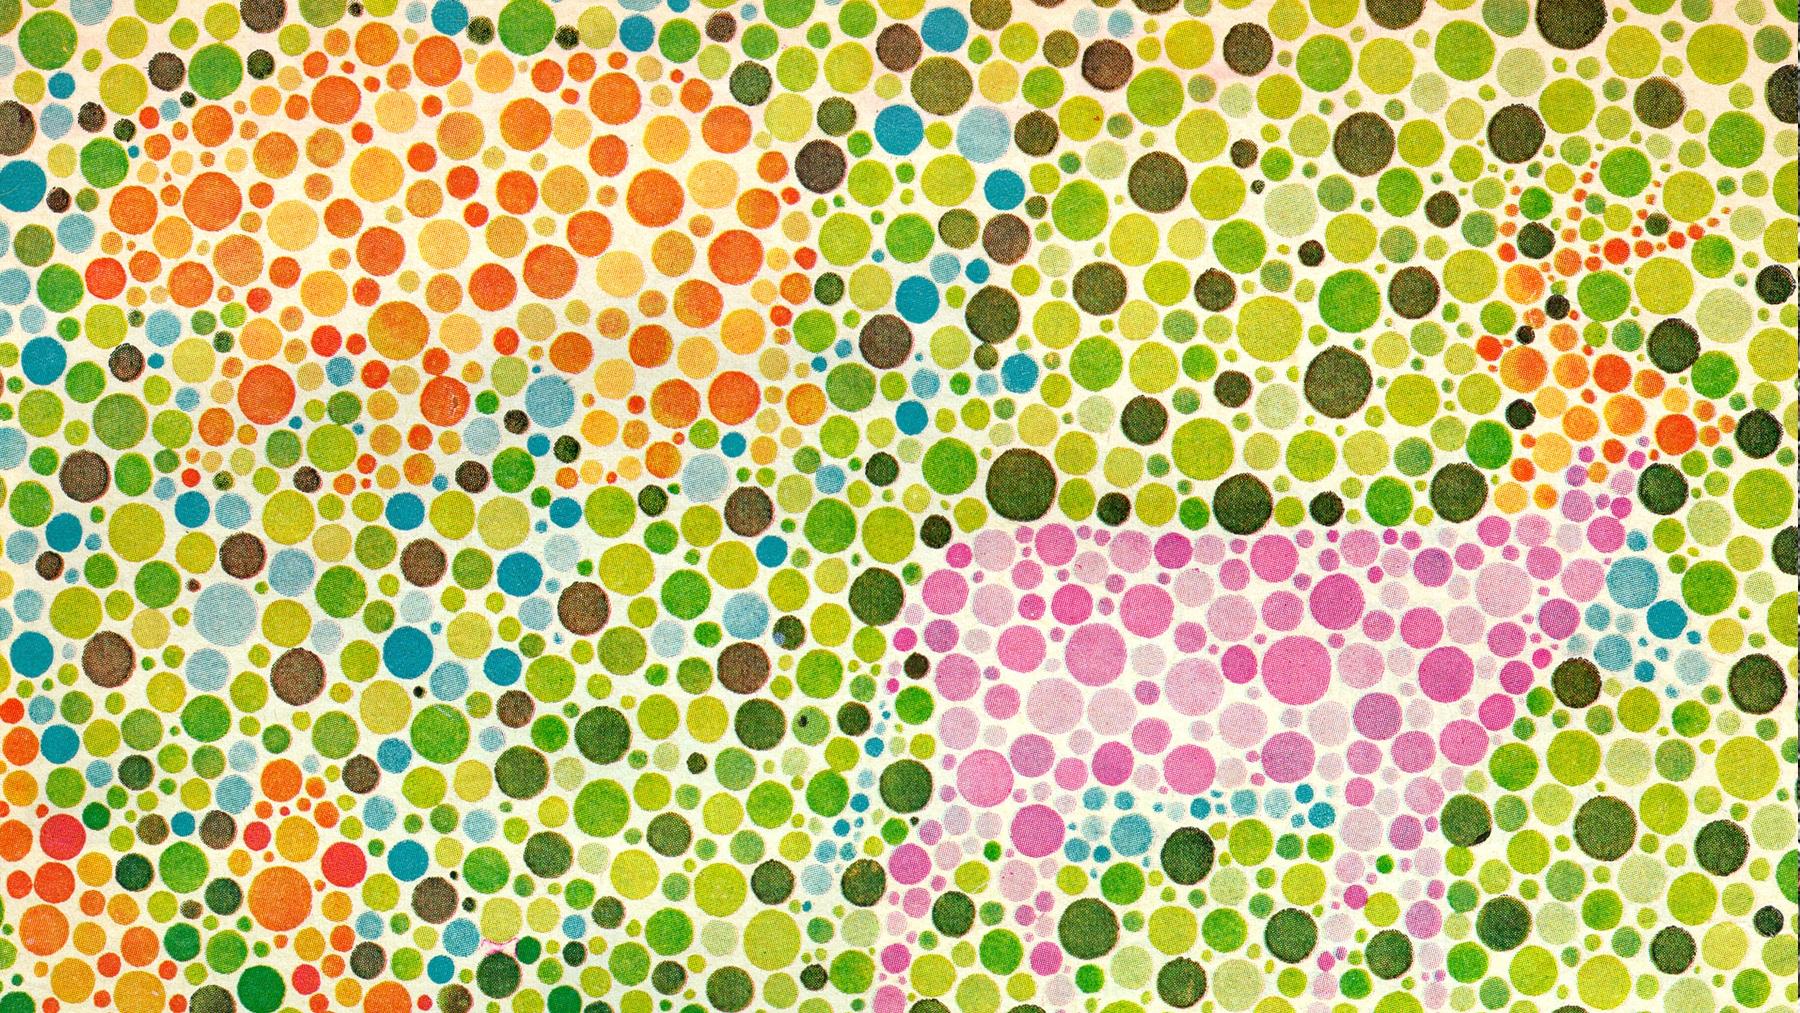 скрывают цветные картинки для проверки зрения у офтальмолога ролика